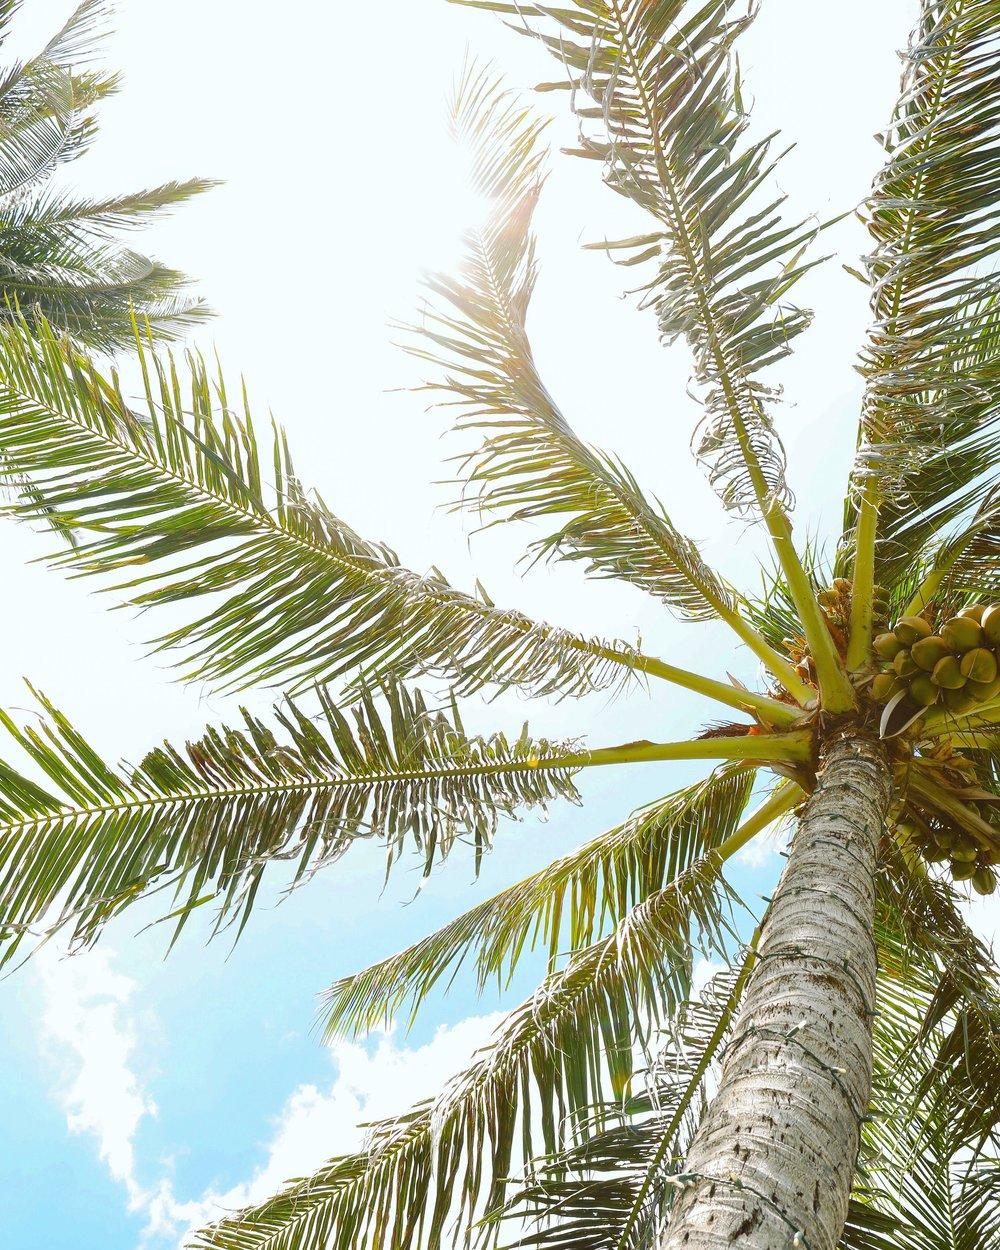 palmtree_MANO.JPG